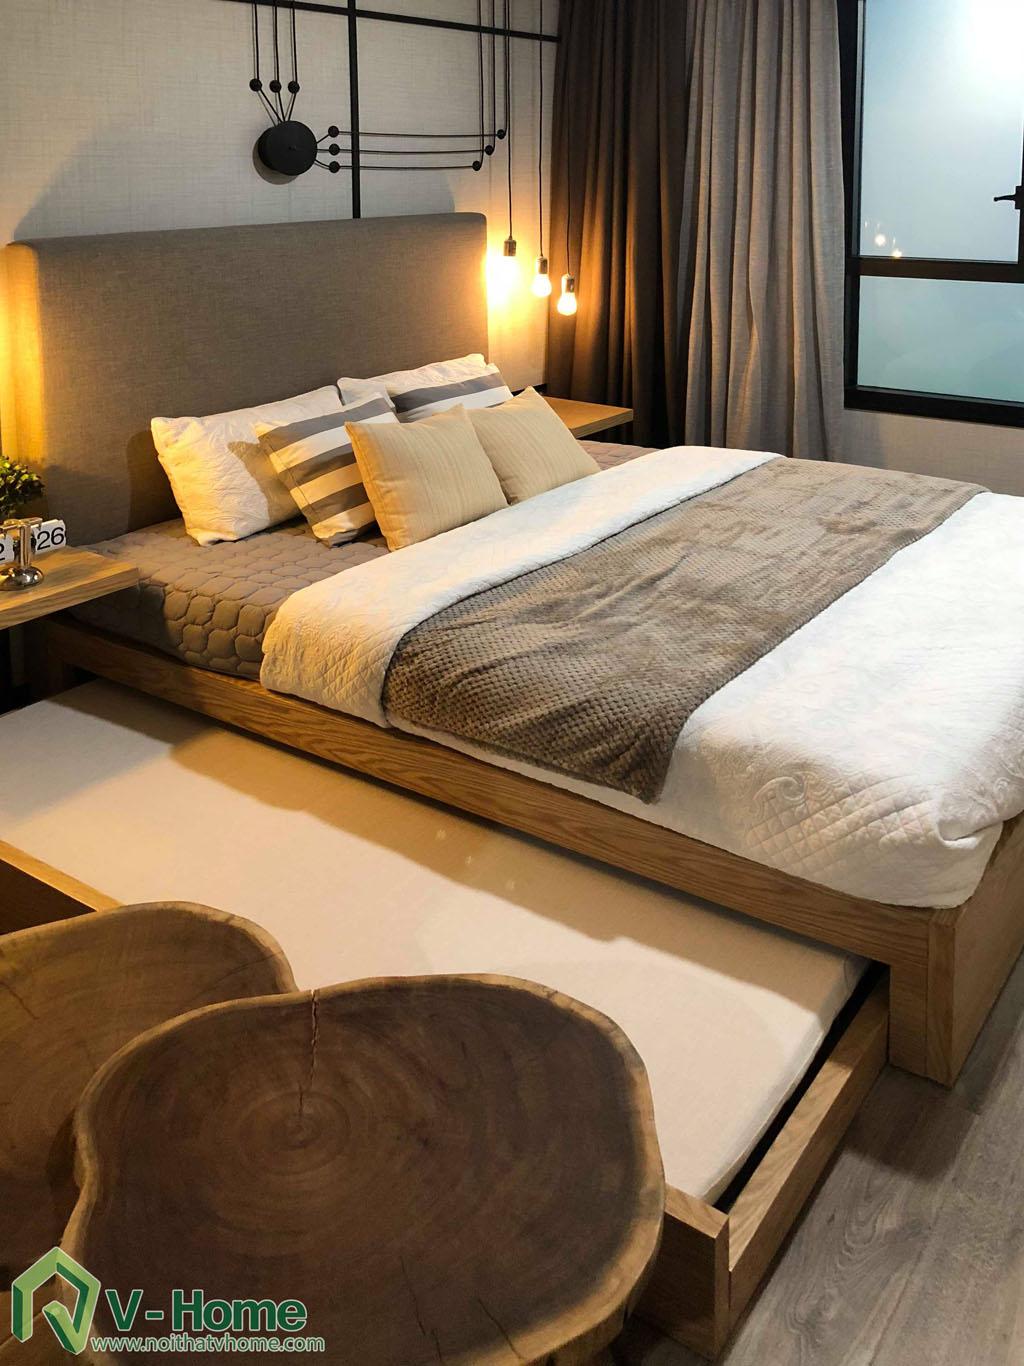 2.thi-cong-noi-that-phong-ngu-chung-cu-summer-15 Thi công nội thất chung cư Summer Residence Capitaland - 3 phòng ngủ